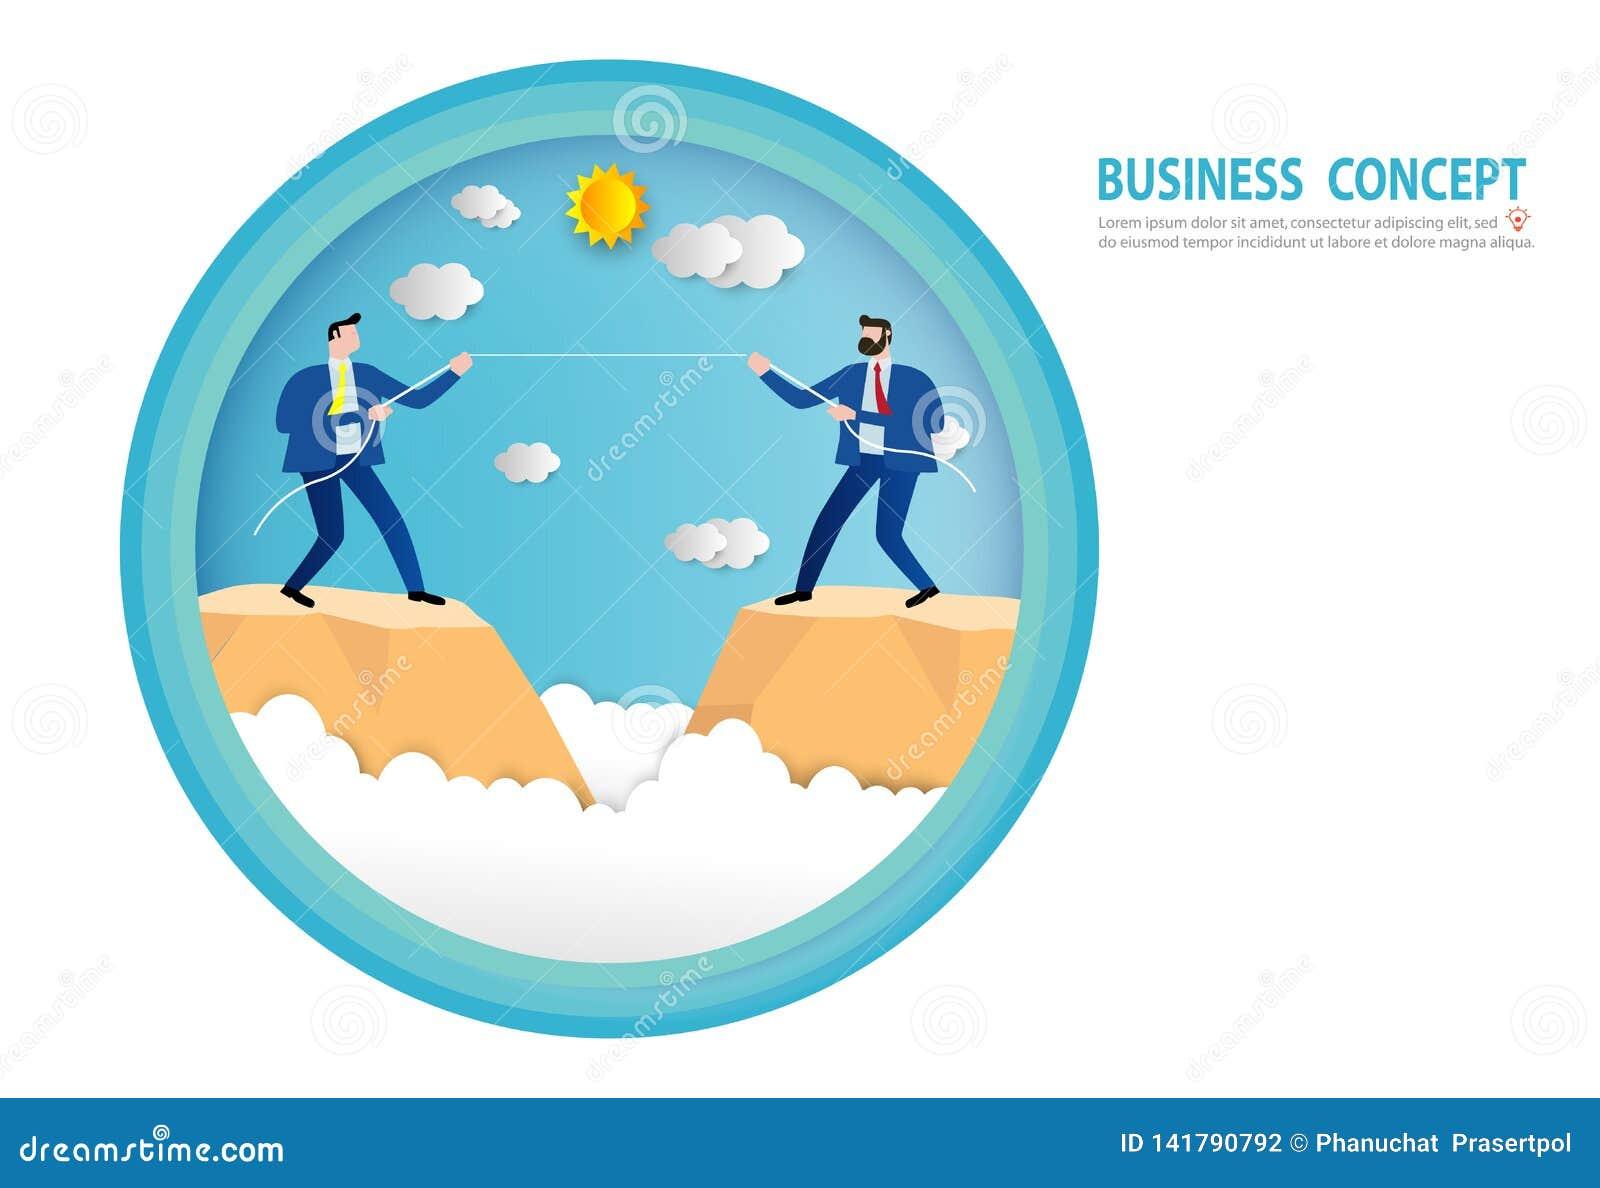 在衣服牵索的商人在峭壁边缘  竞争冲突竞争,目标,成功,纸艺术样式,人事务